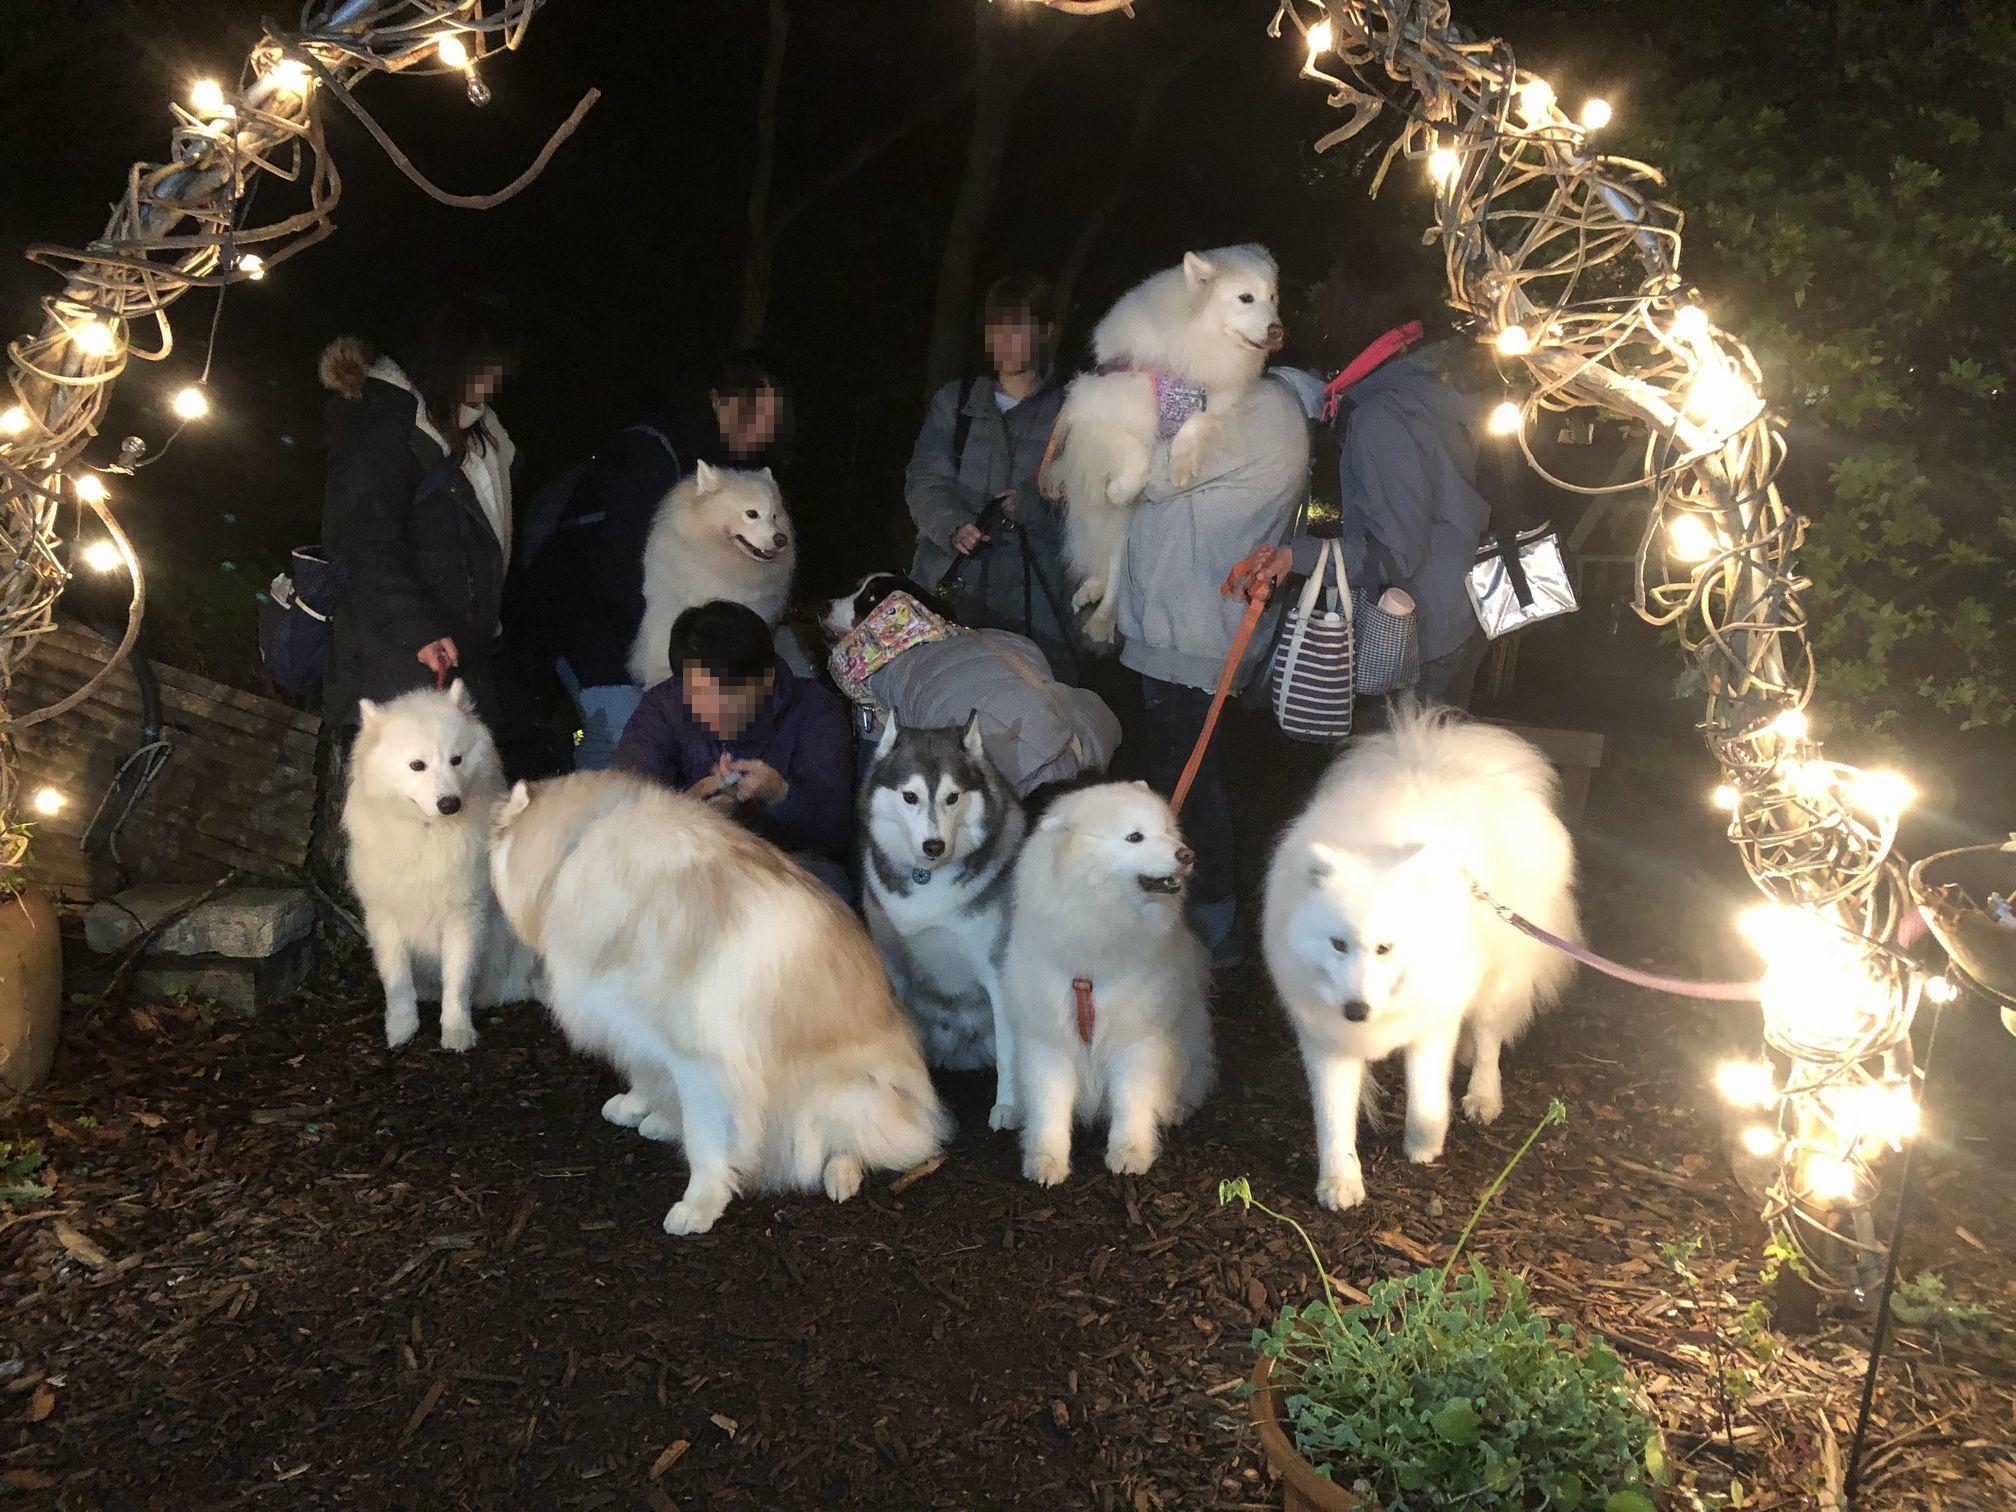 2018年冬 横須賀ミニオフ旅行 その2_f0128542_00573546.jpg